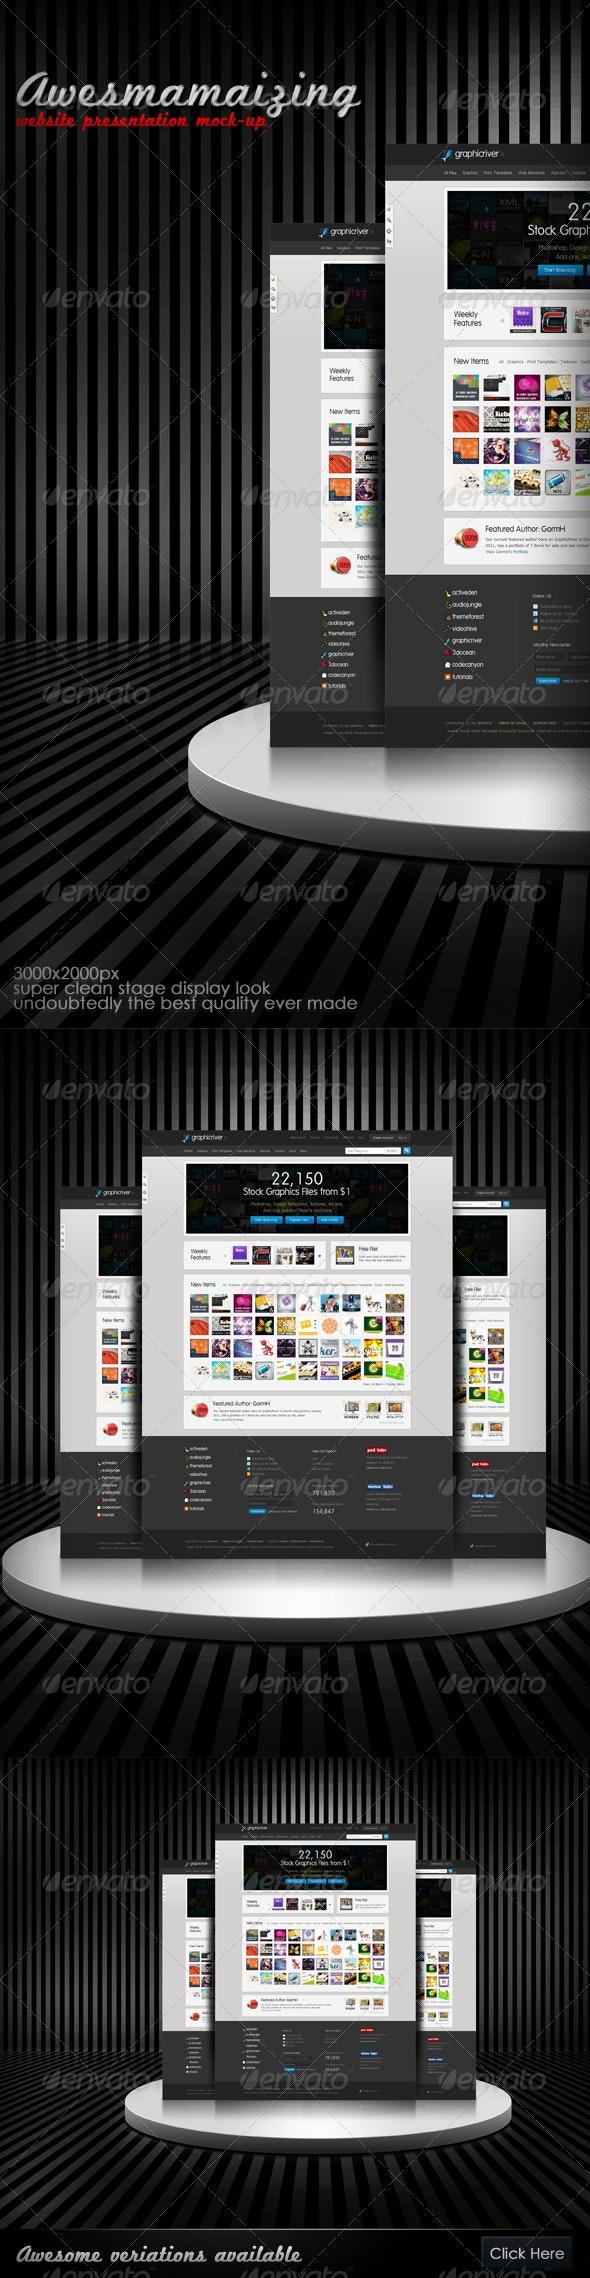 Awesmamaizing Web Presentation (Mock-up) - Website Displays